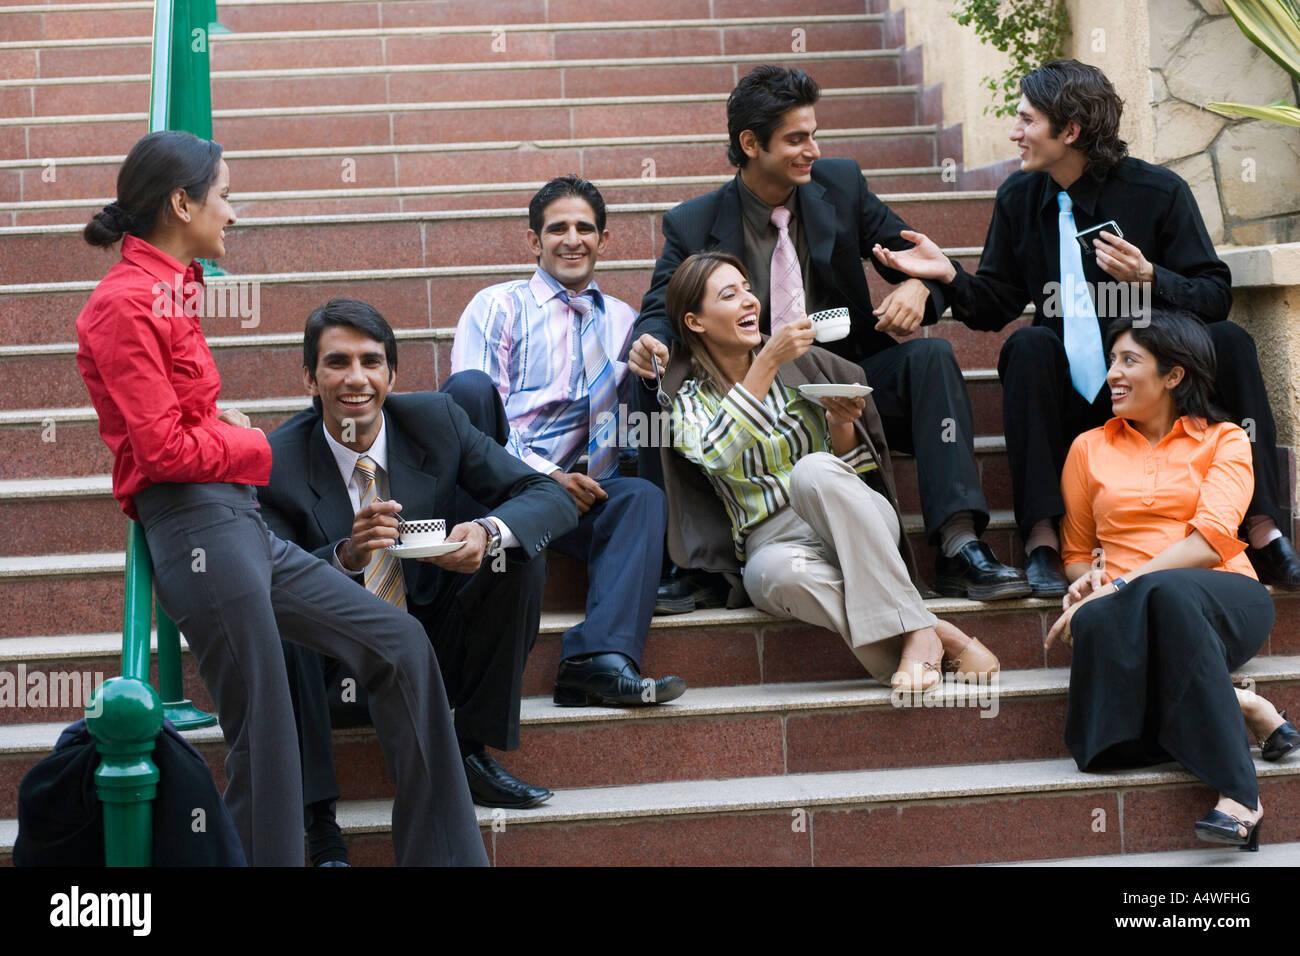 Empresarios relajándose en caja de escalera exterior Imagen De Stock